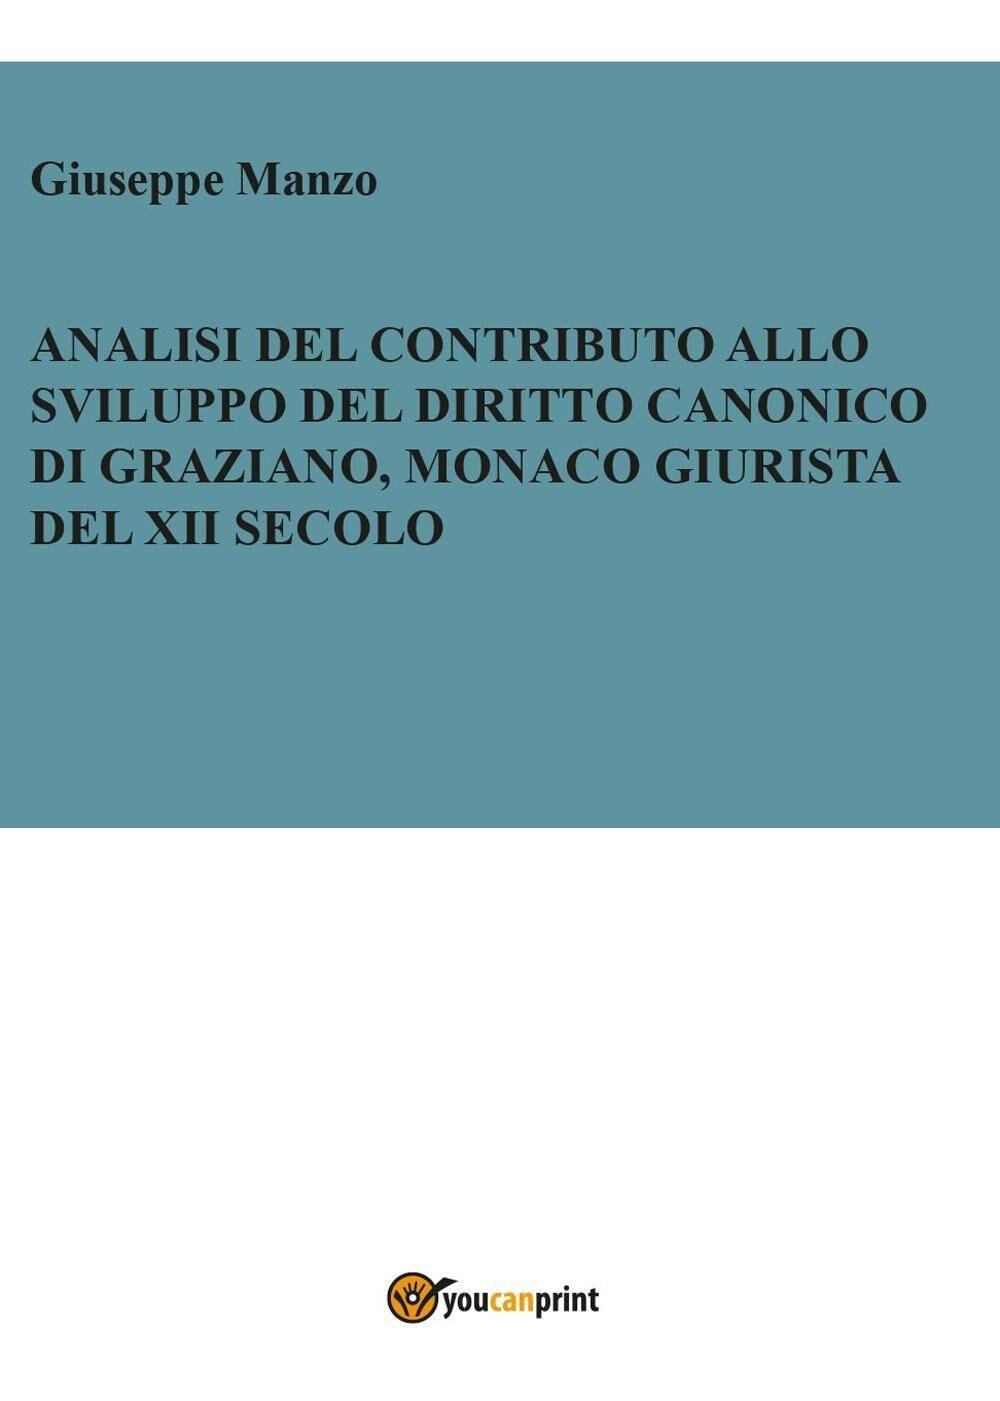 Analisi del contributo allo sviluppo del diritto canonico di Graziano, monaco giurista del XII secolo